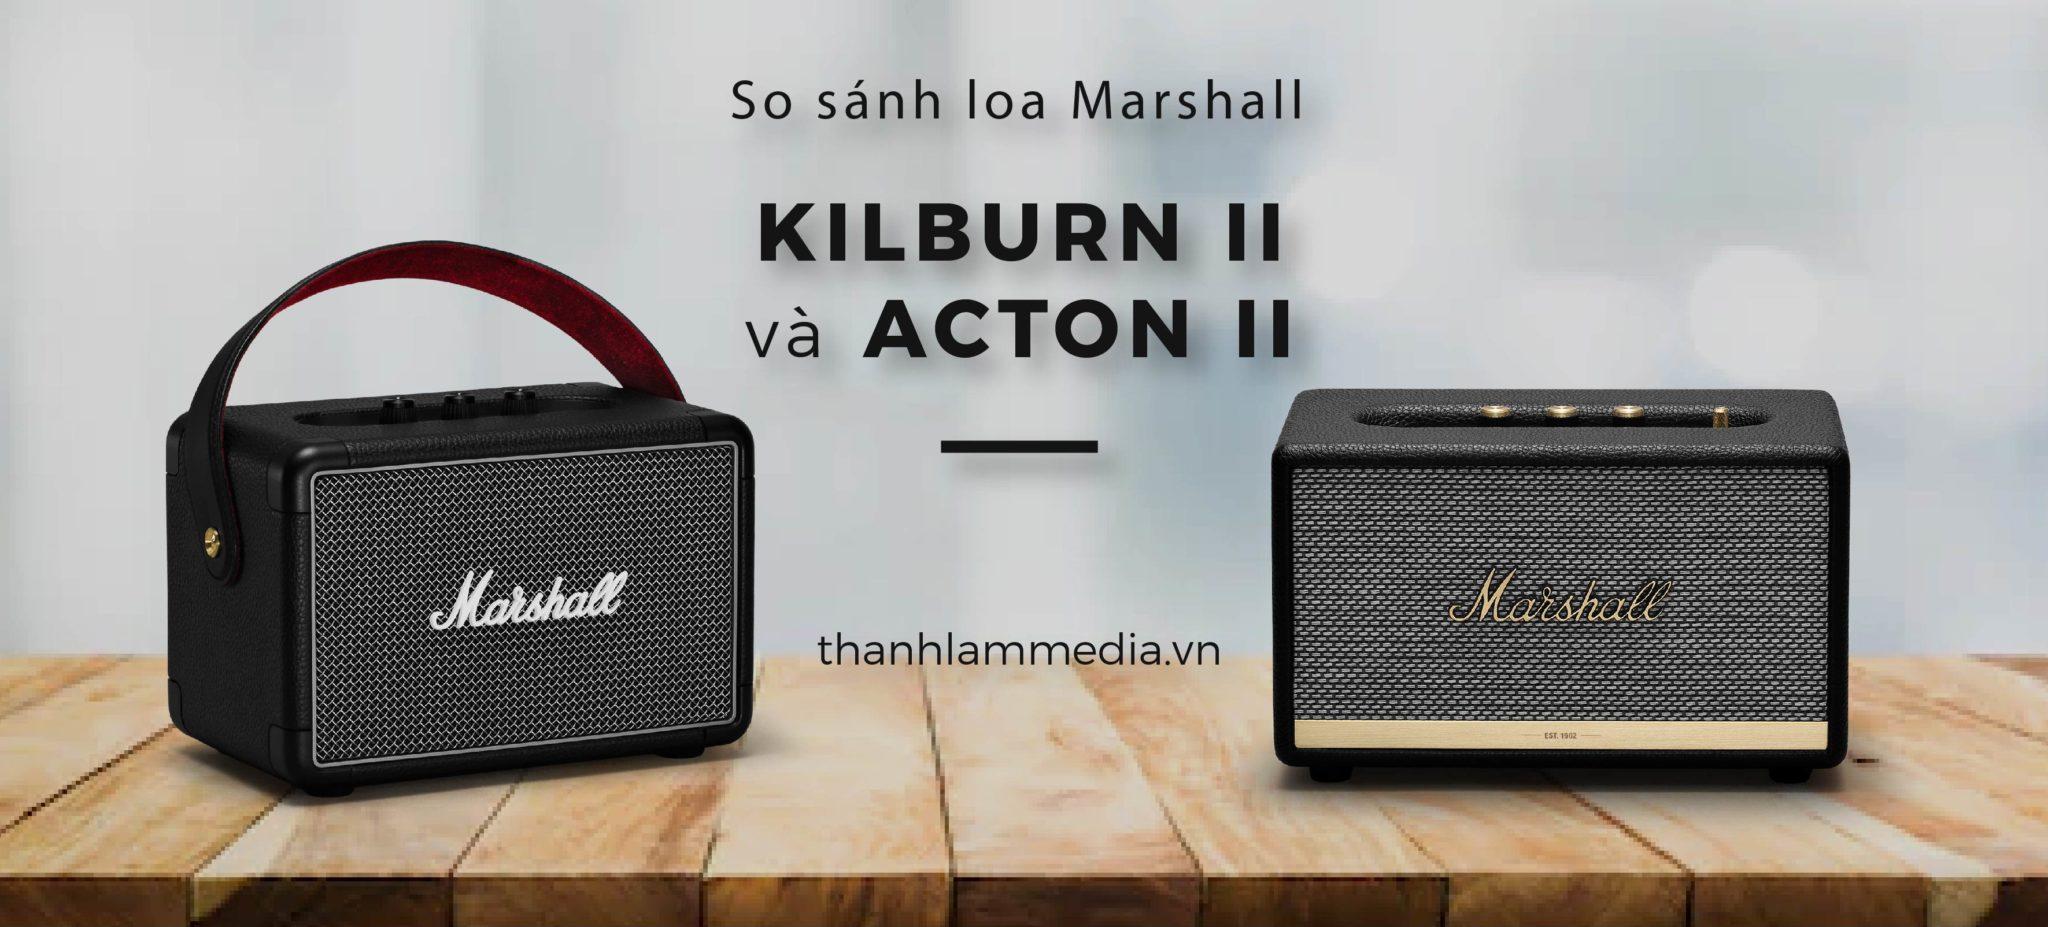 So sánh Marshall Acton 2 và Marshall Kilburn 2 1